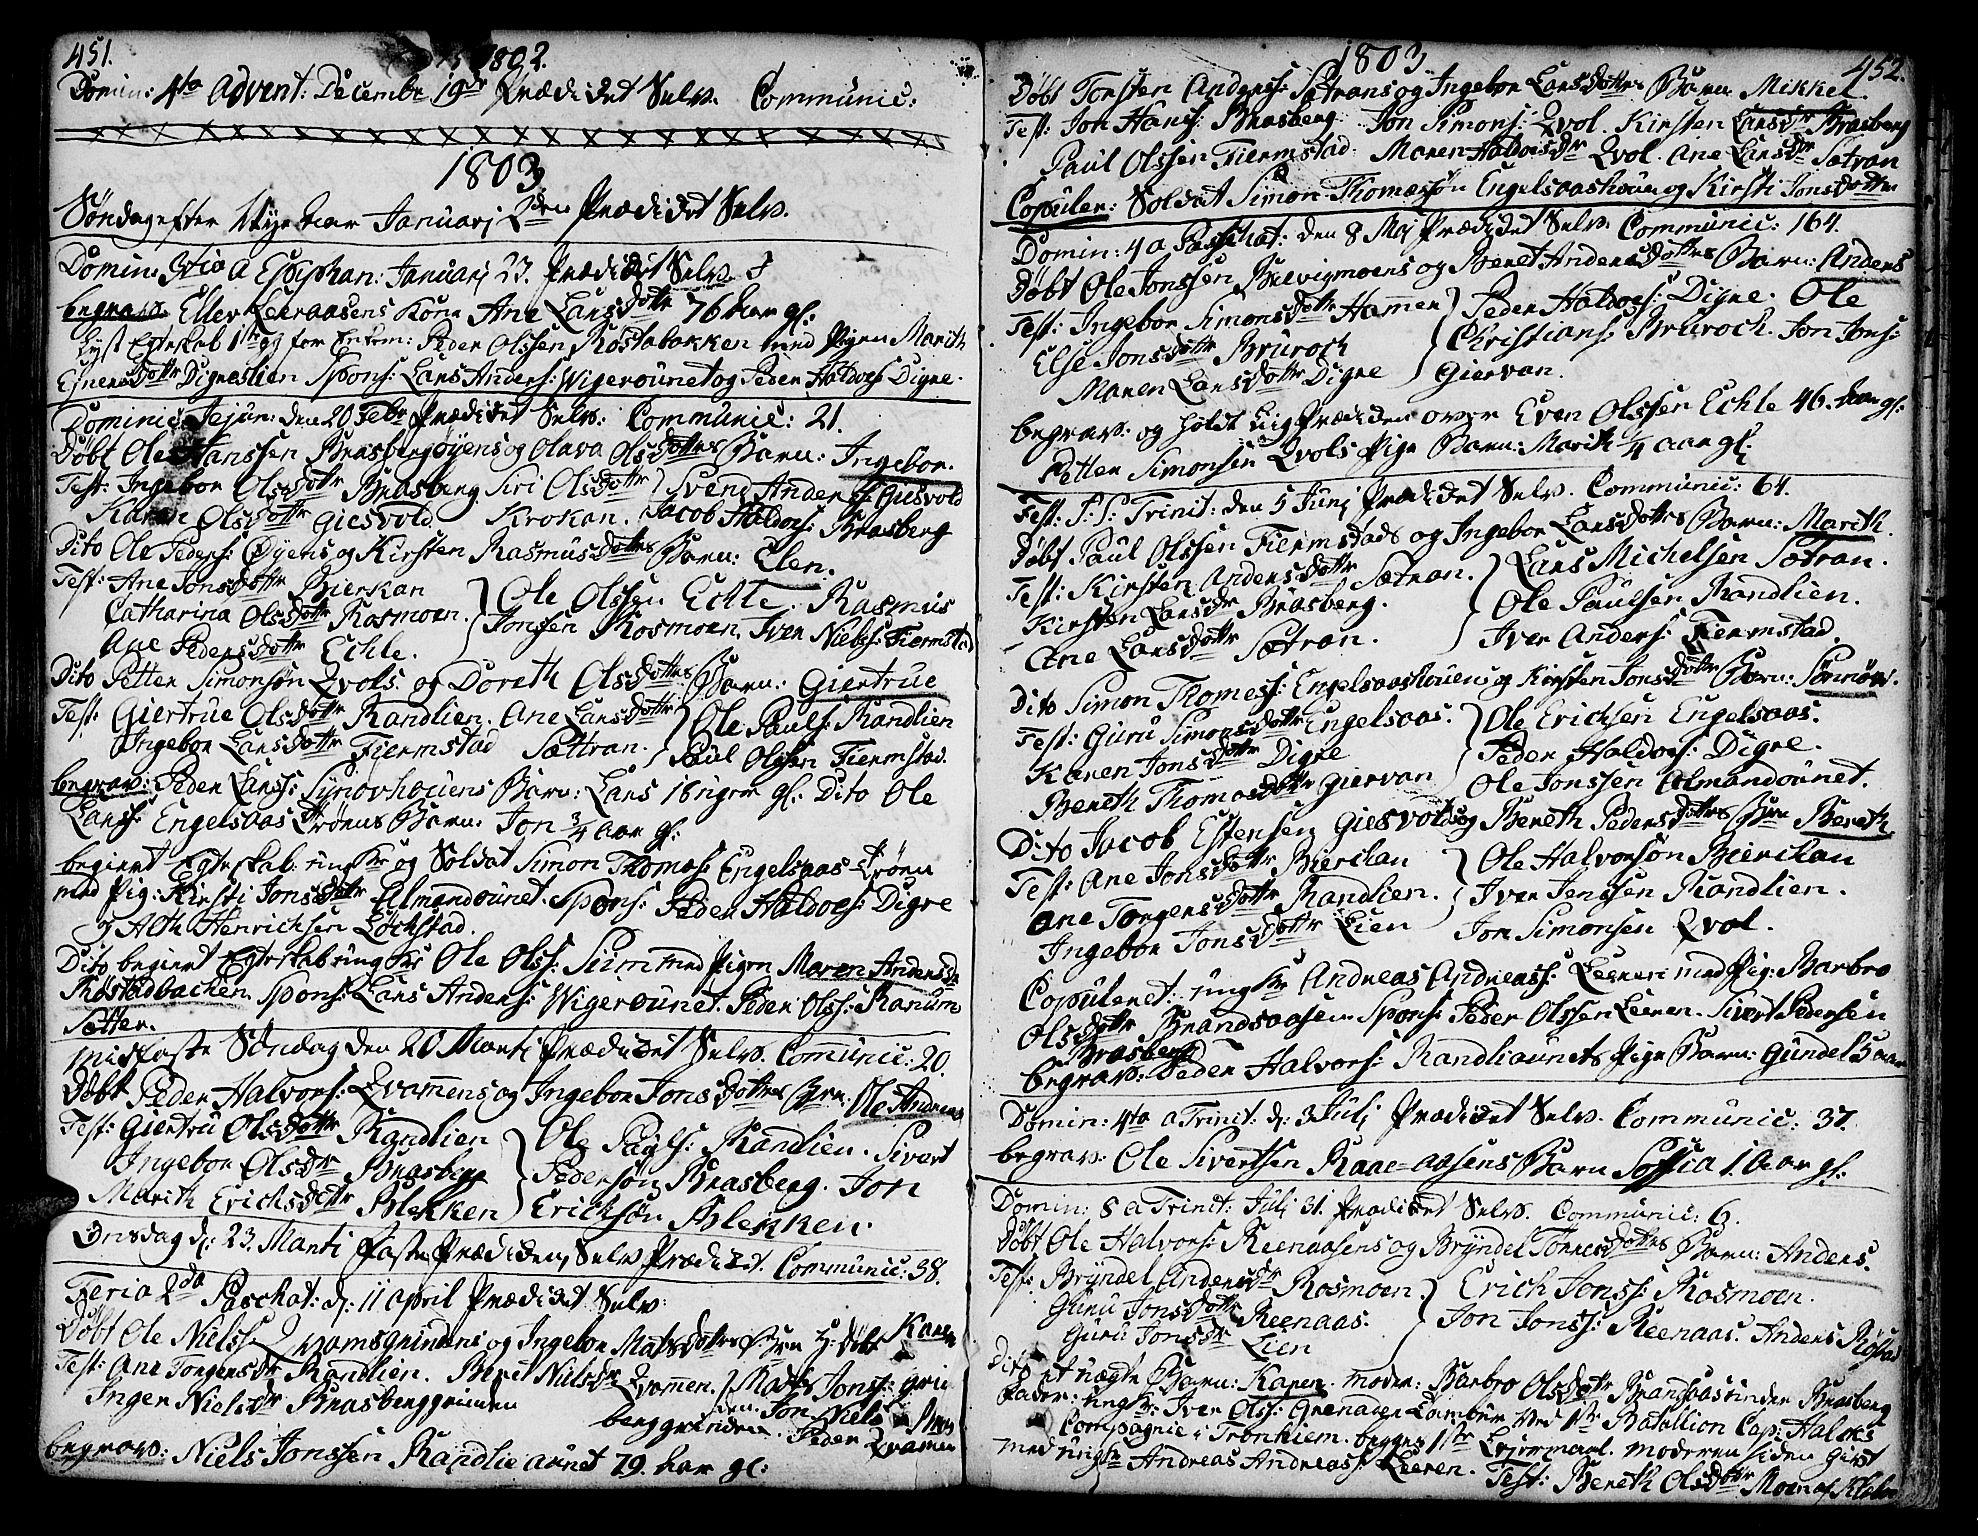 SAT, Ministerialprotokoller, klokkerbøker og fødselsregistre - Sør-Trøndelag, 606/L0282: Ministerialbok nr. 606A02 /3, 1781-1817, s. 451-452